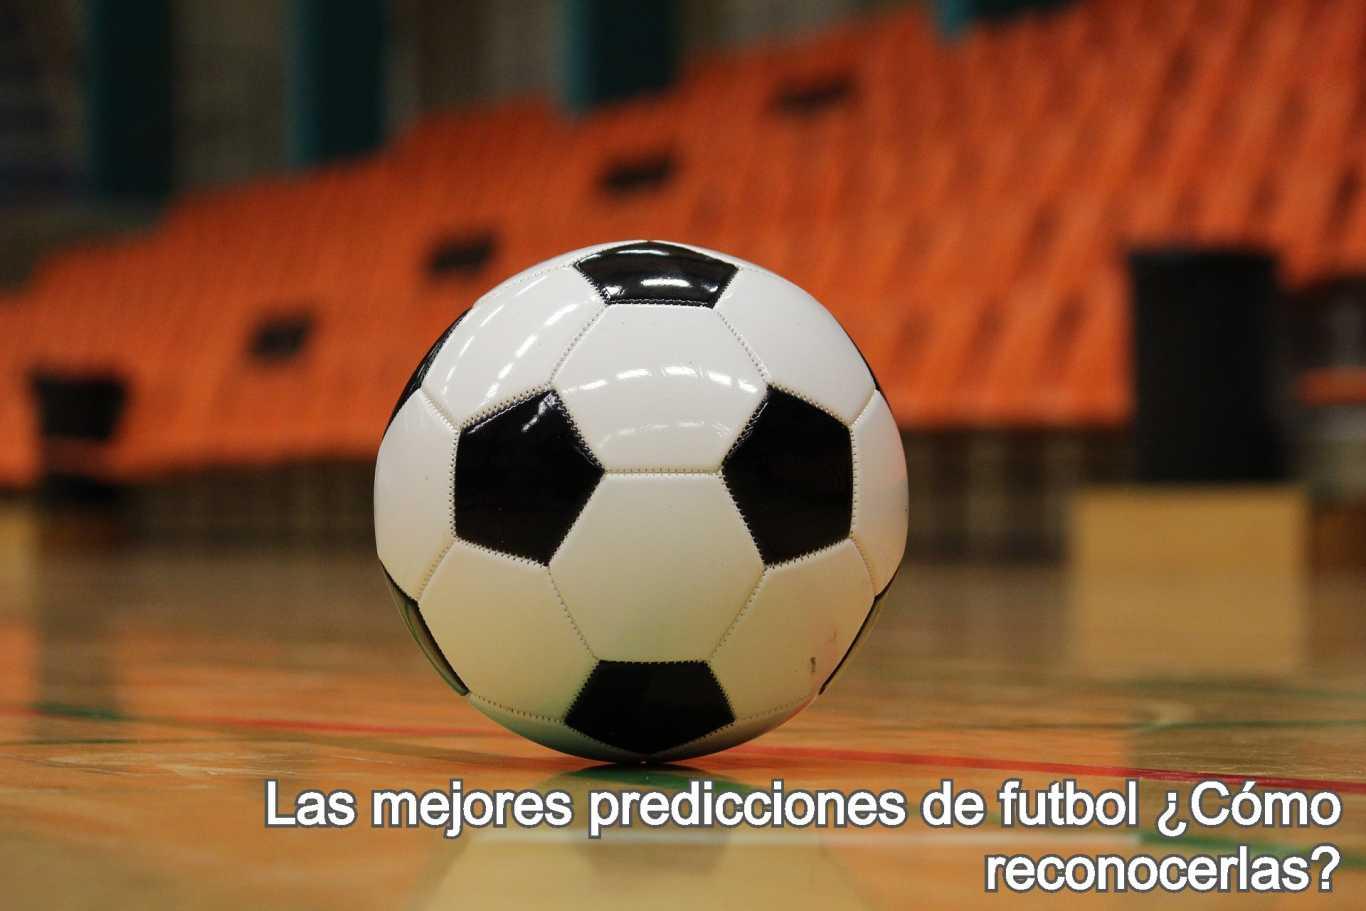 Las mejores predicciones de futbol ¿Cómo reconocerlas?